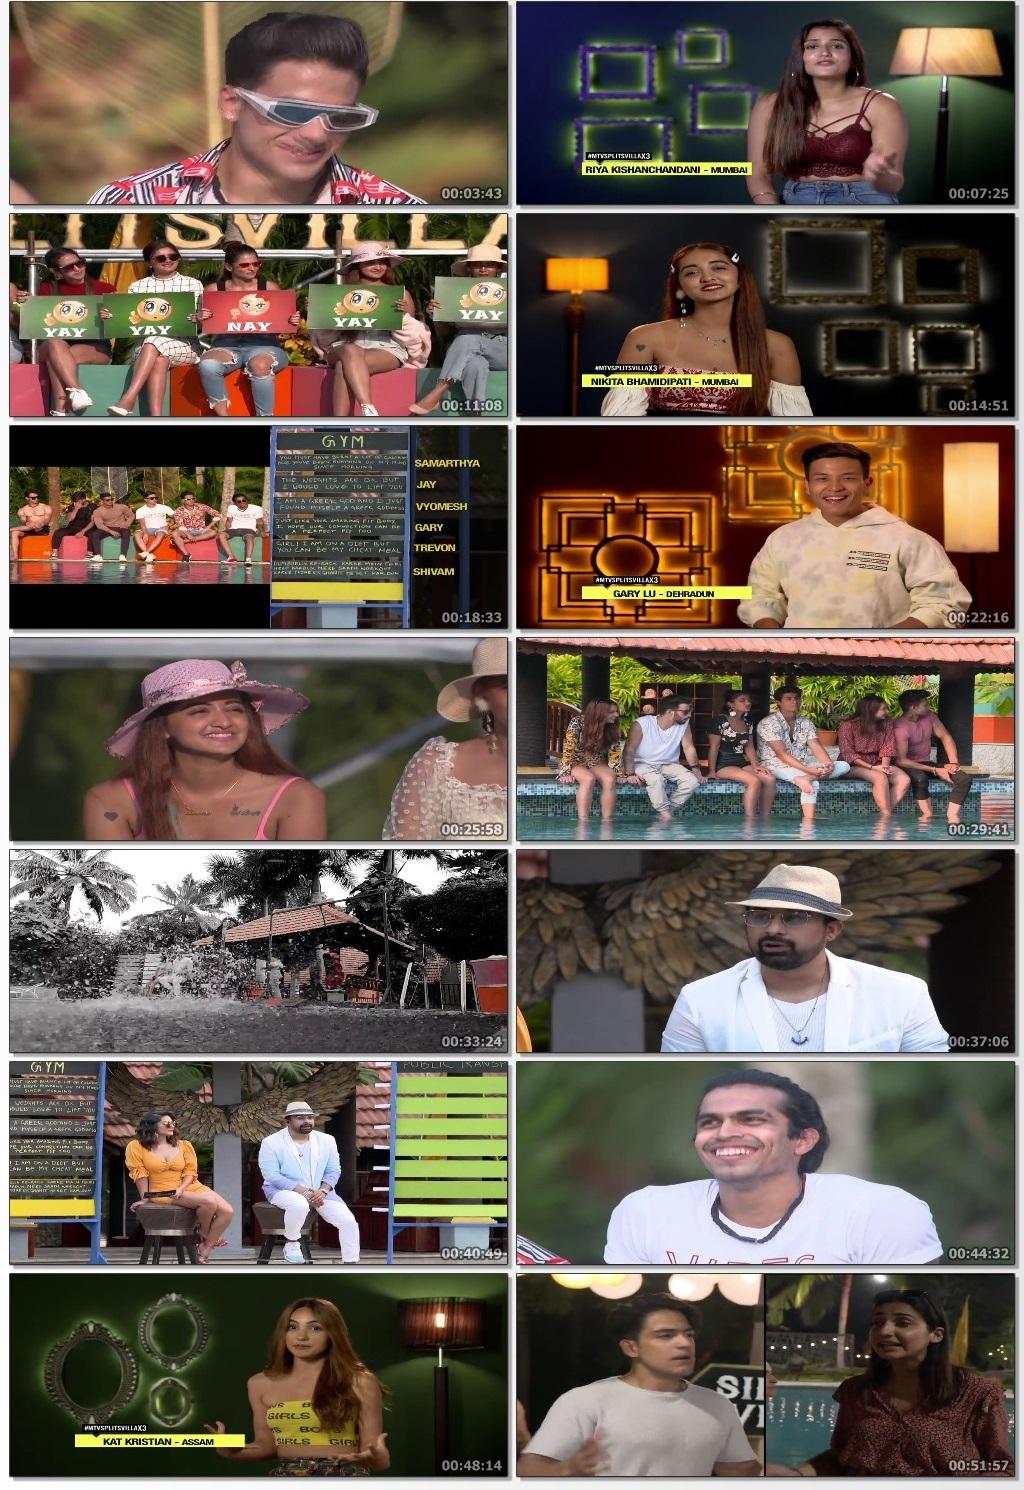 Splitsvilla-S13-22nd-May-2021-www-1kmovies-cyou-Hindi-720p-HDRip-380-MB-mkv-thumbs